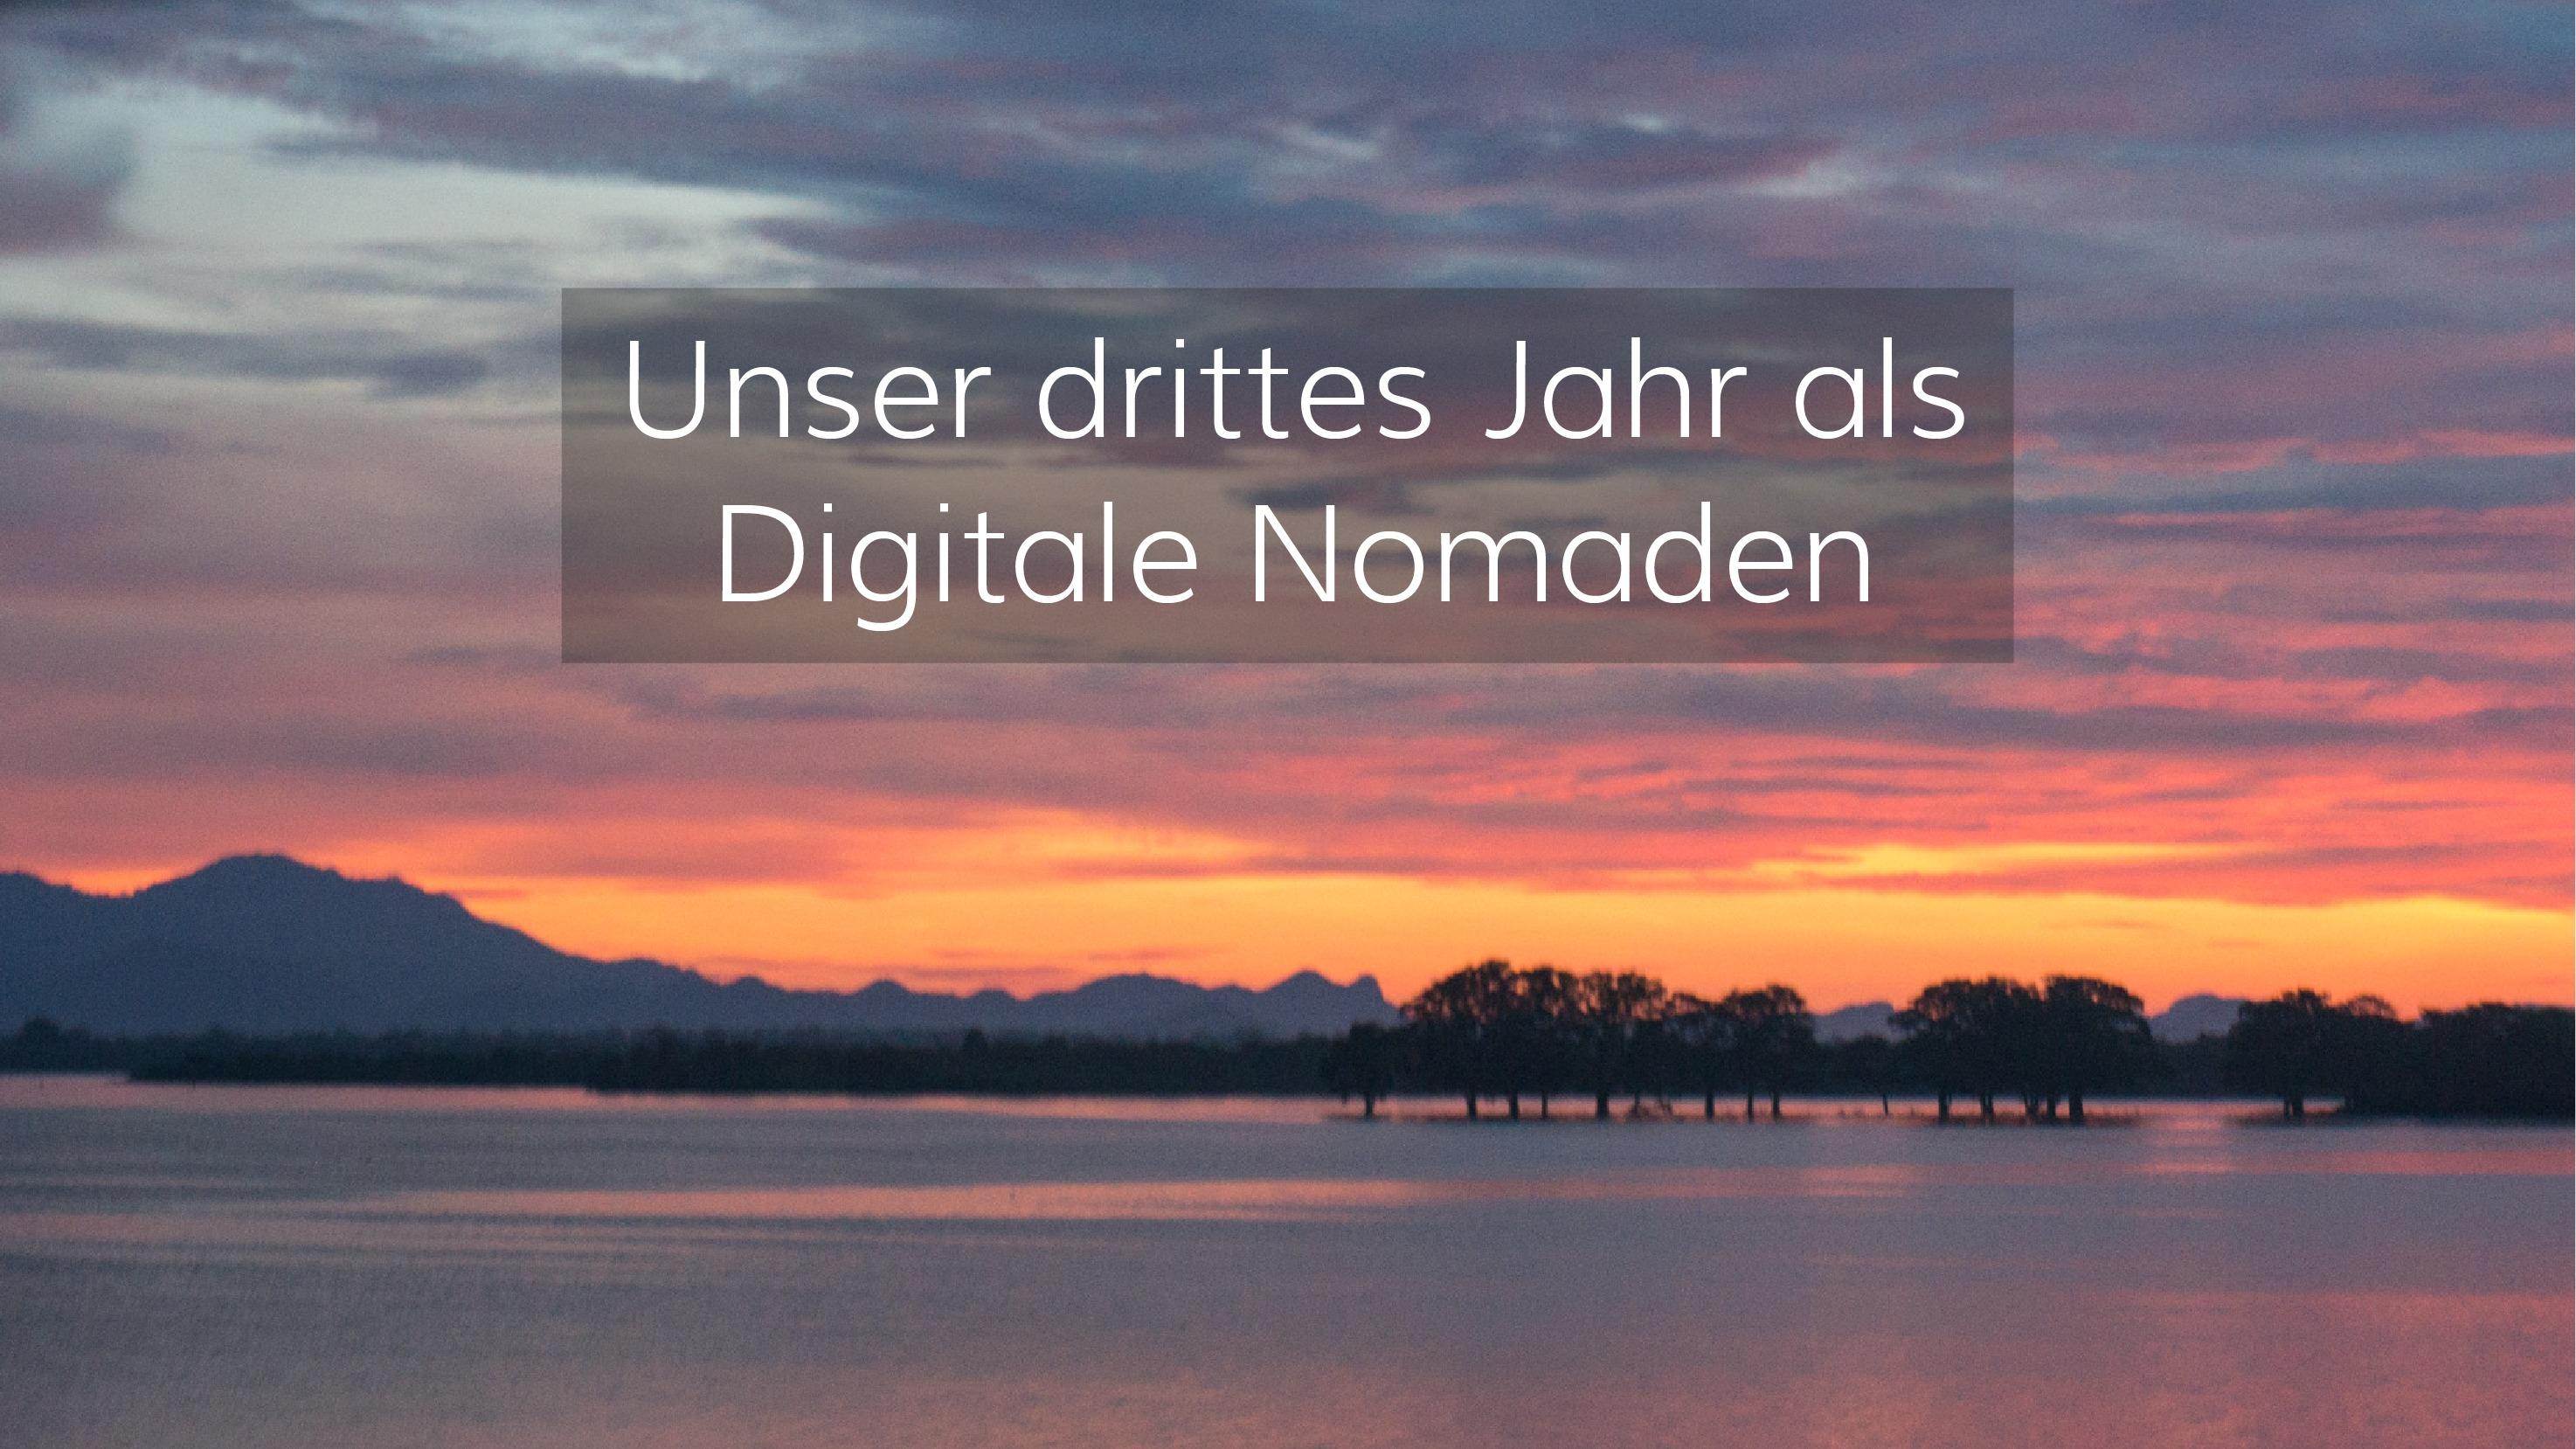 Unser drittes Jahr als Digitale Nomaden